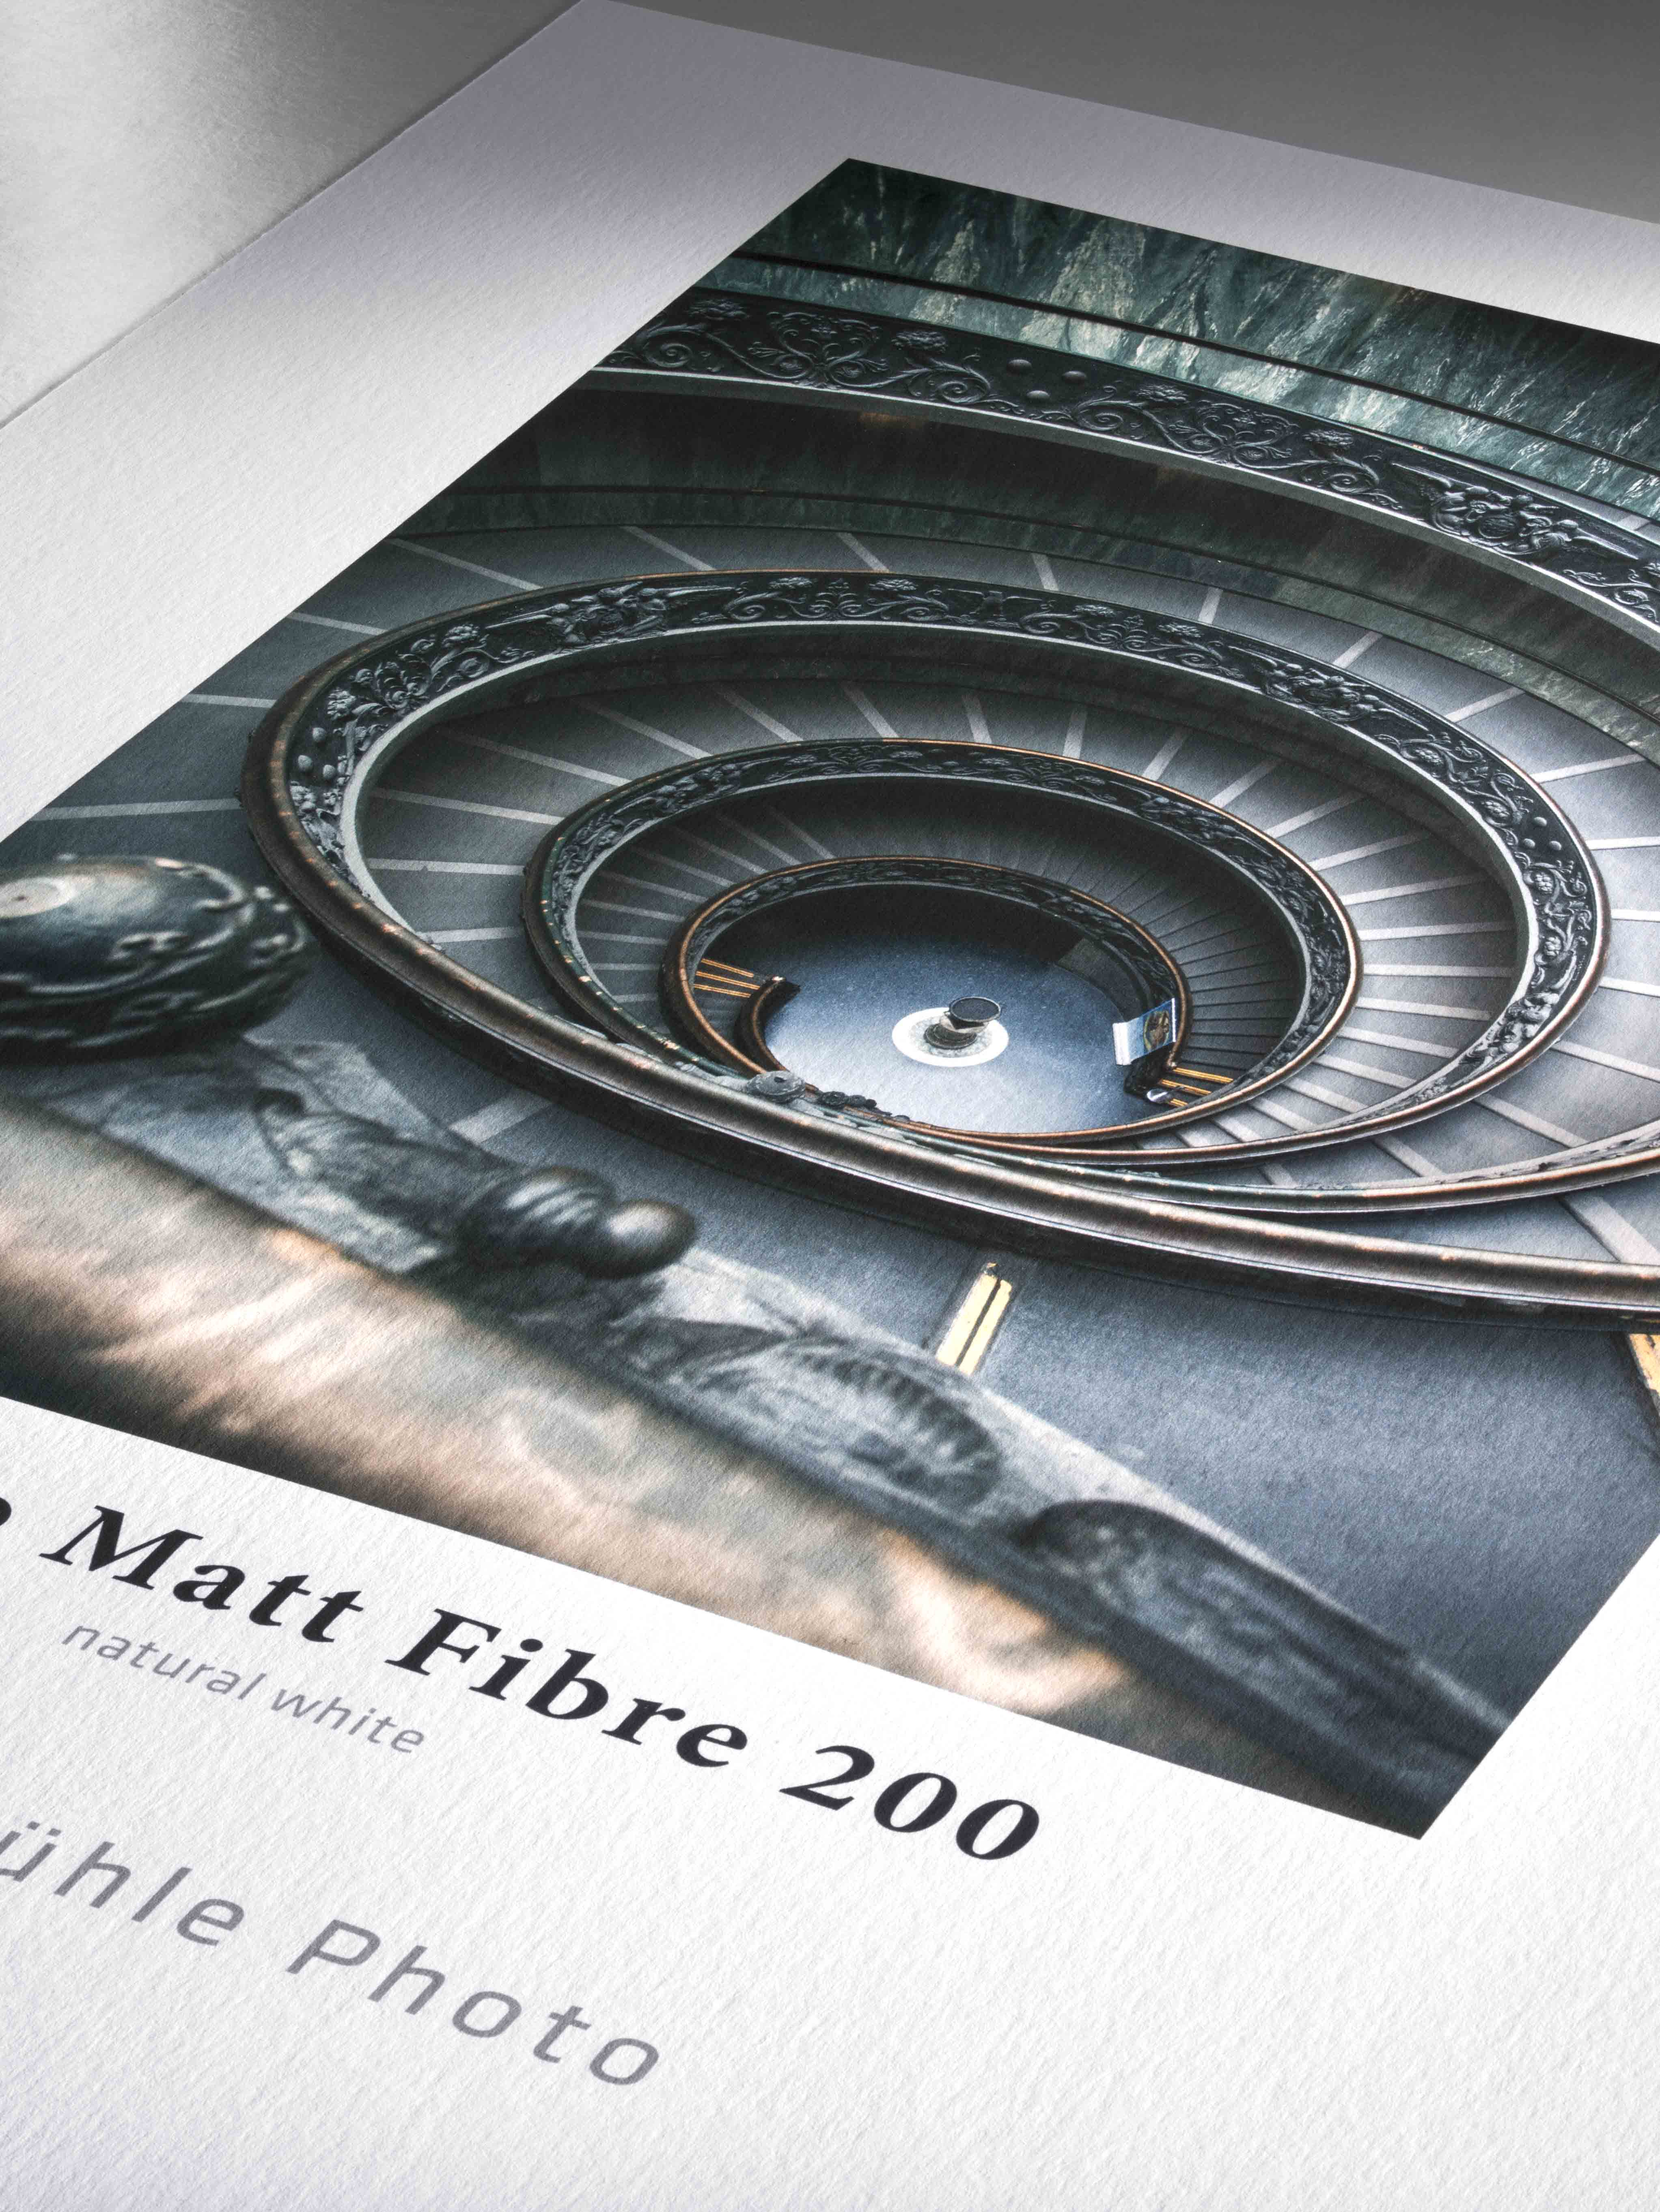 Hahnemühle Photo Matt Fibre 200. Papier mat 200 g/m². Utilisation quotidienne.